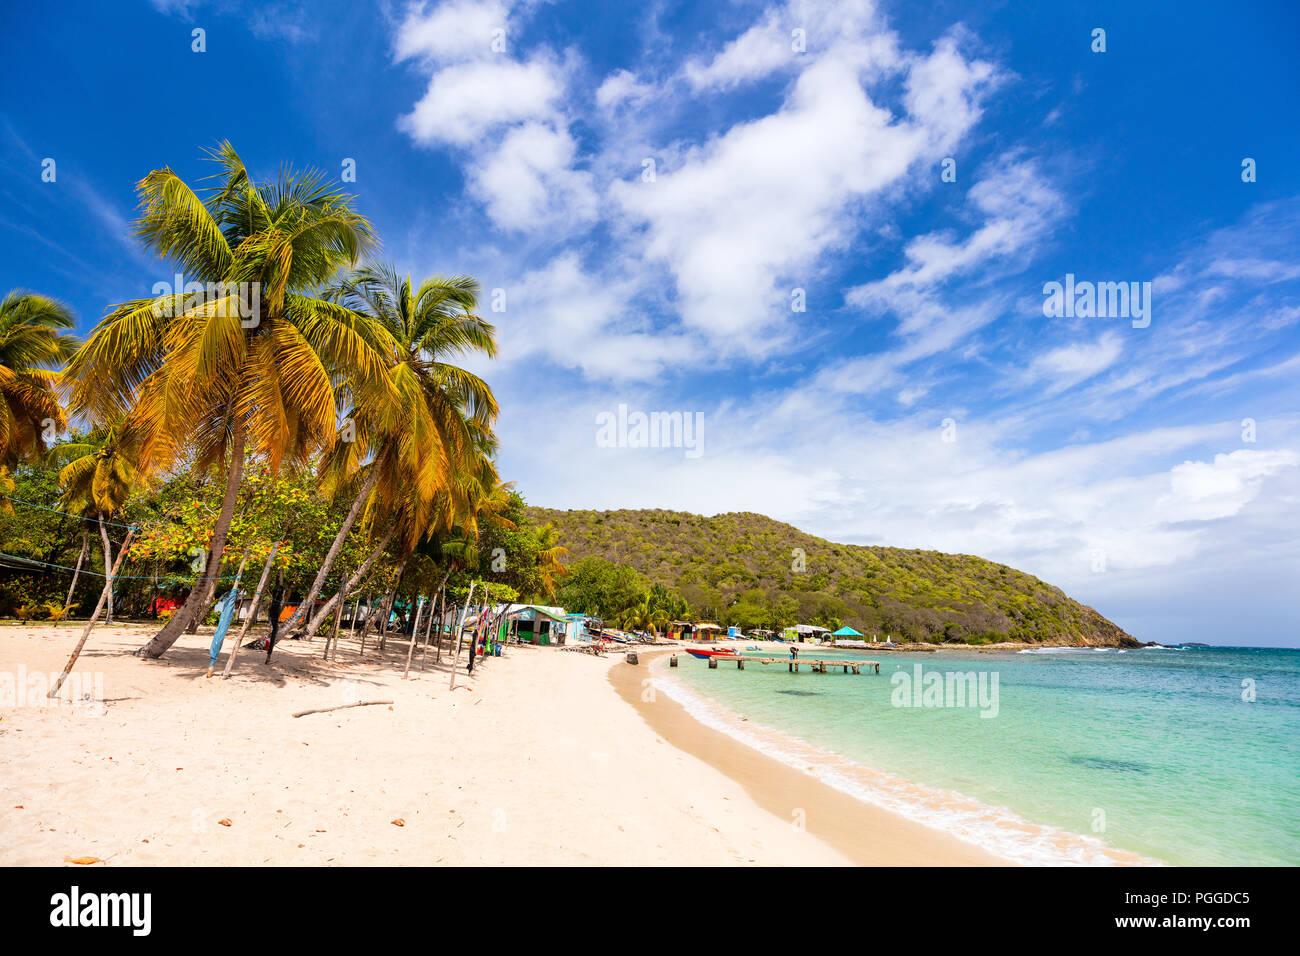 Tropical idyllique plage de sable blanc, les palmiers et la mer turquoise des Caraïbes de l'eau sur l'île de Mayreau à St Vincent et les Grenadines Photo Stock